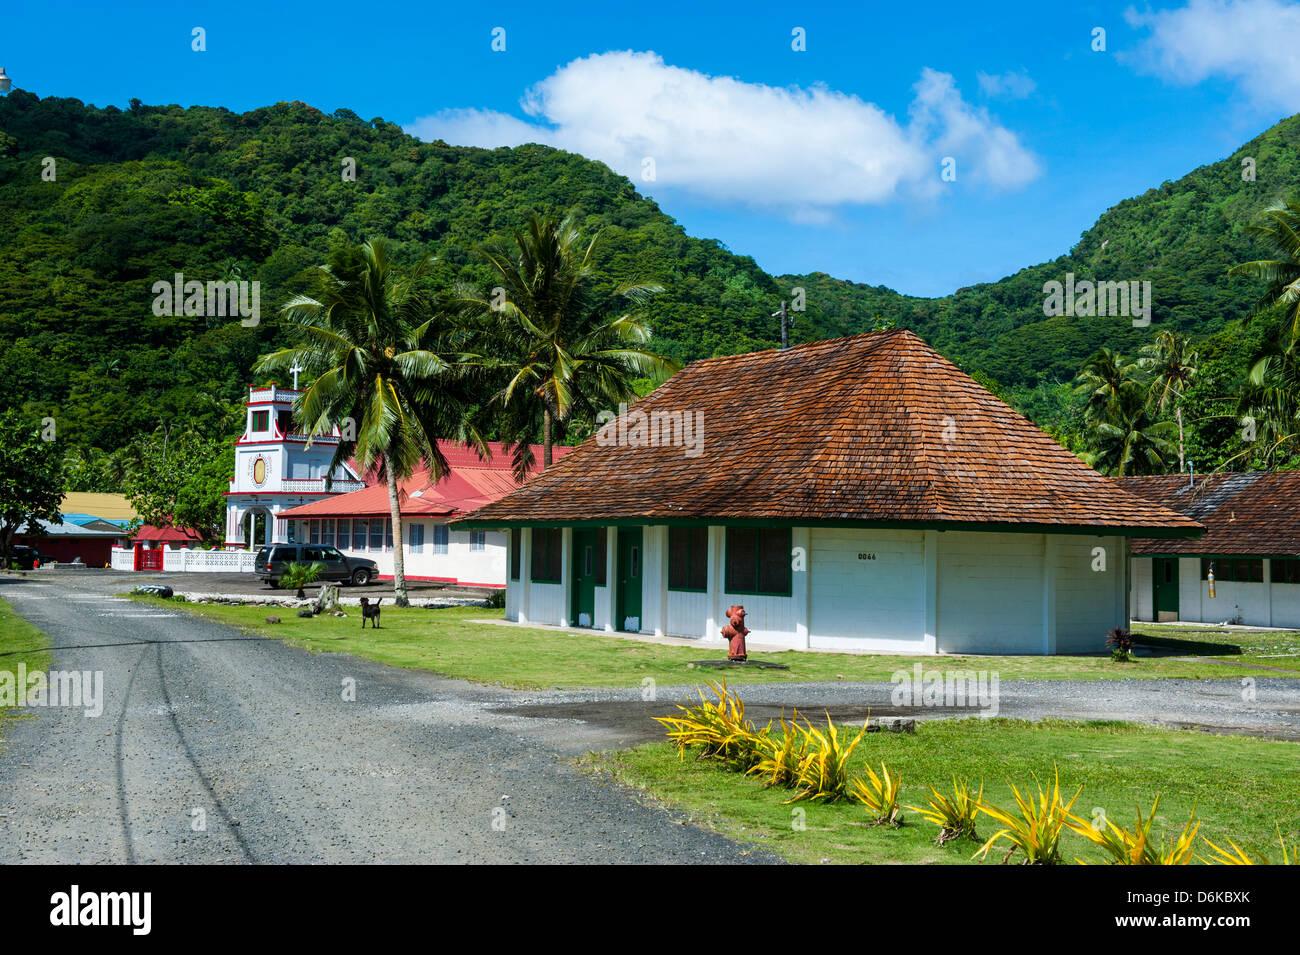 Afono village, American Samoa, South Pacific, Pacific - Stock Image